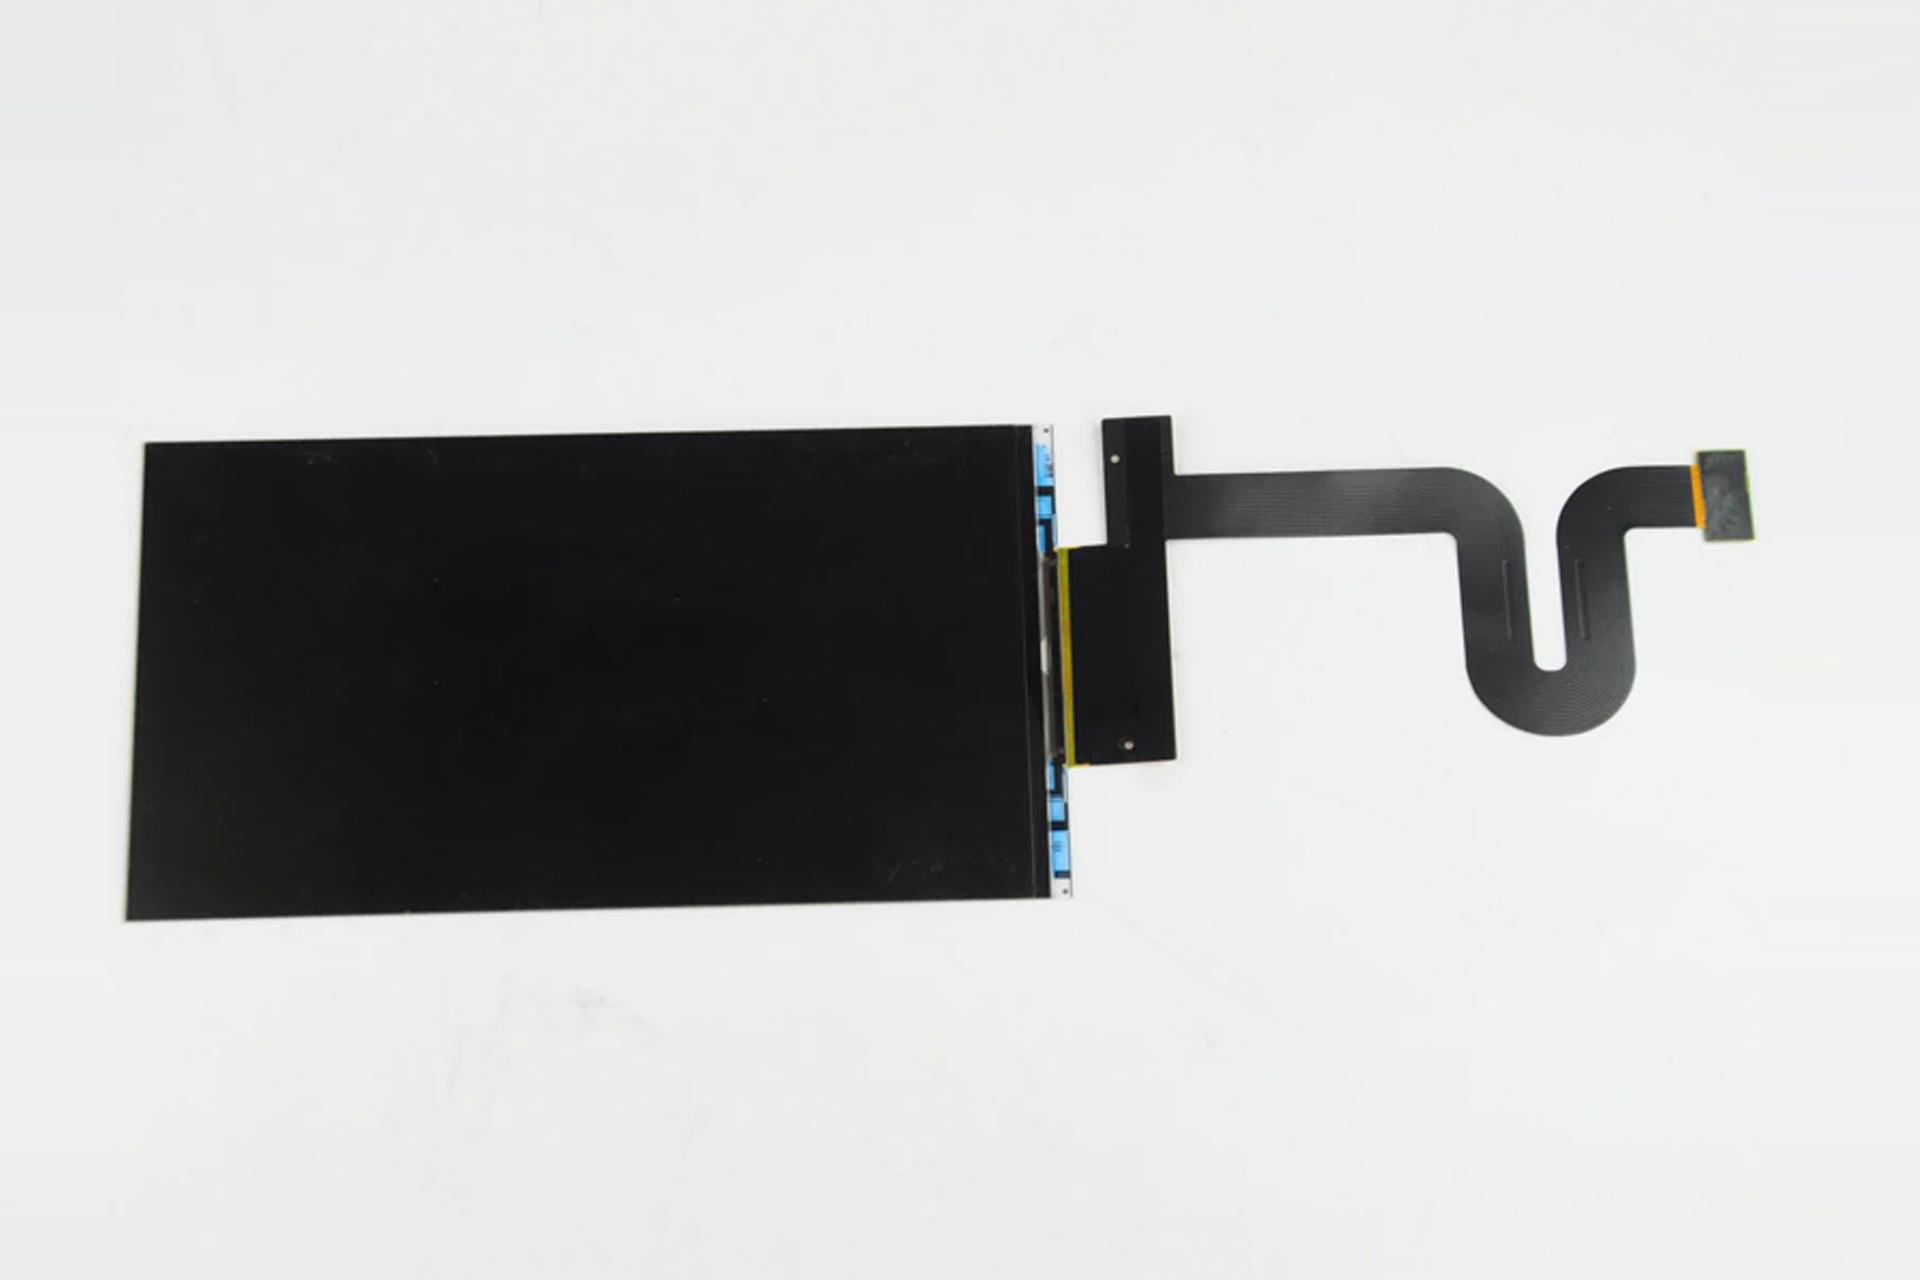 Дисплей (Матрица) для DLP 3D принтера Wanhao GR1 купить украина 1